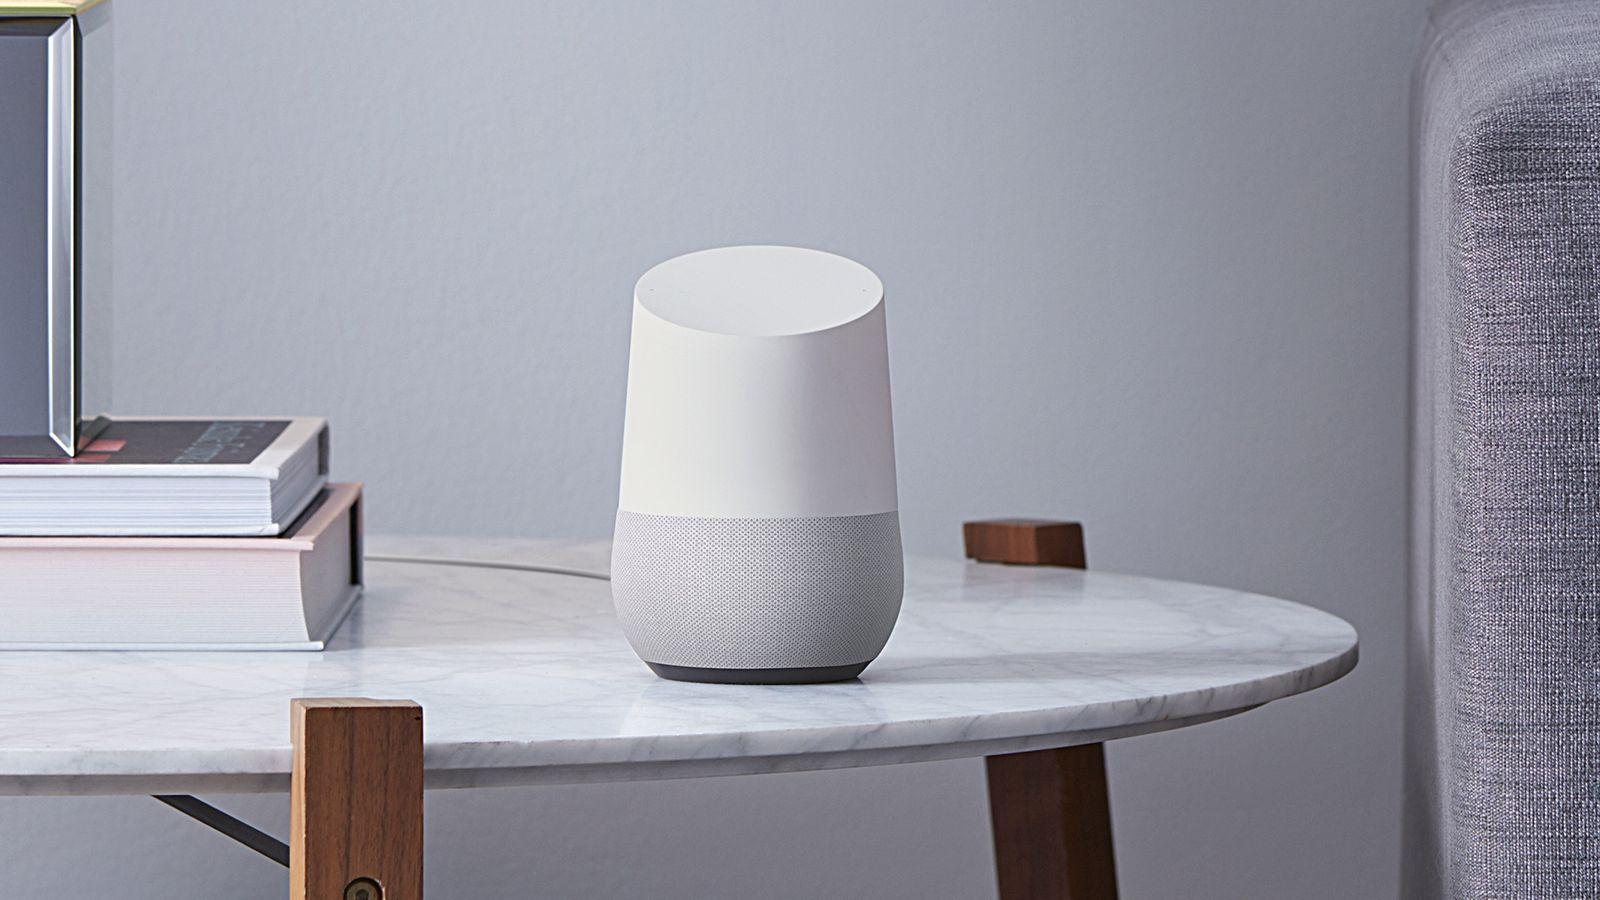 آموزش کامل نصب Google Home